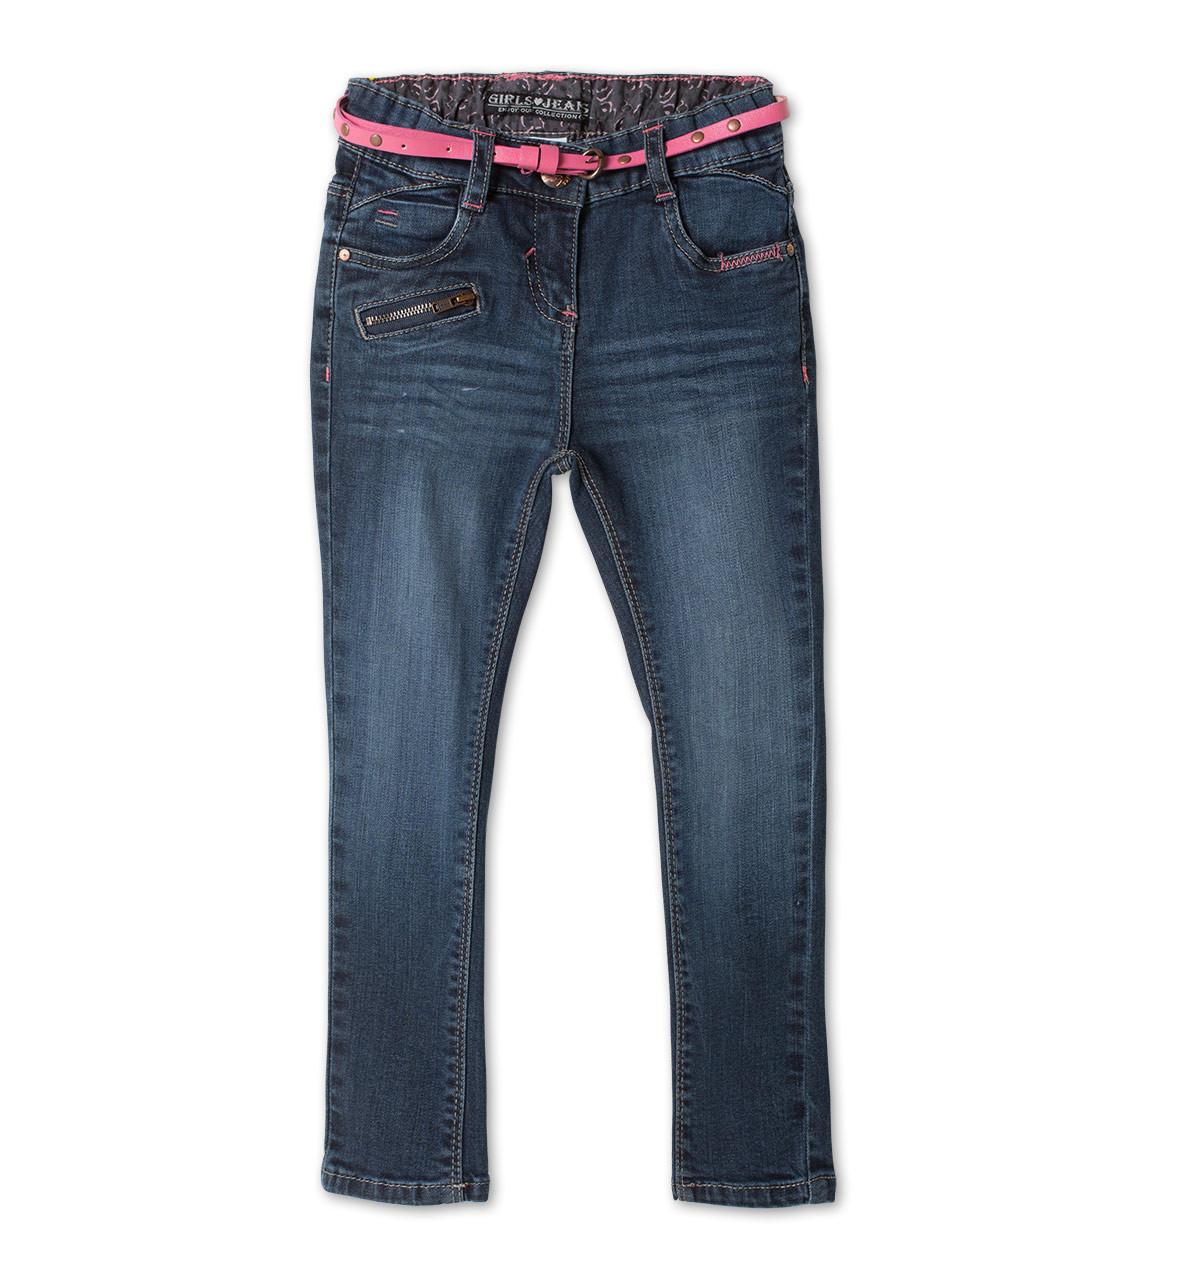 Детские джинсы узкачи на девочку с поясом C&A Германия Размер 104